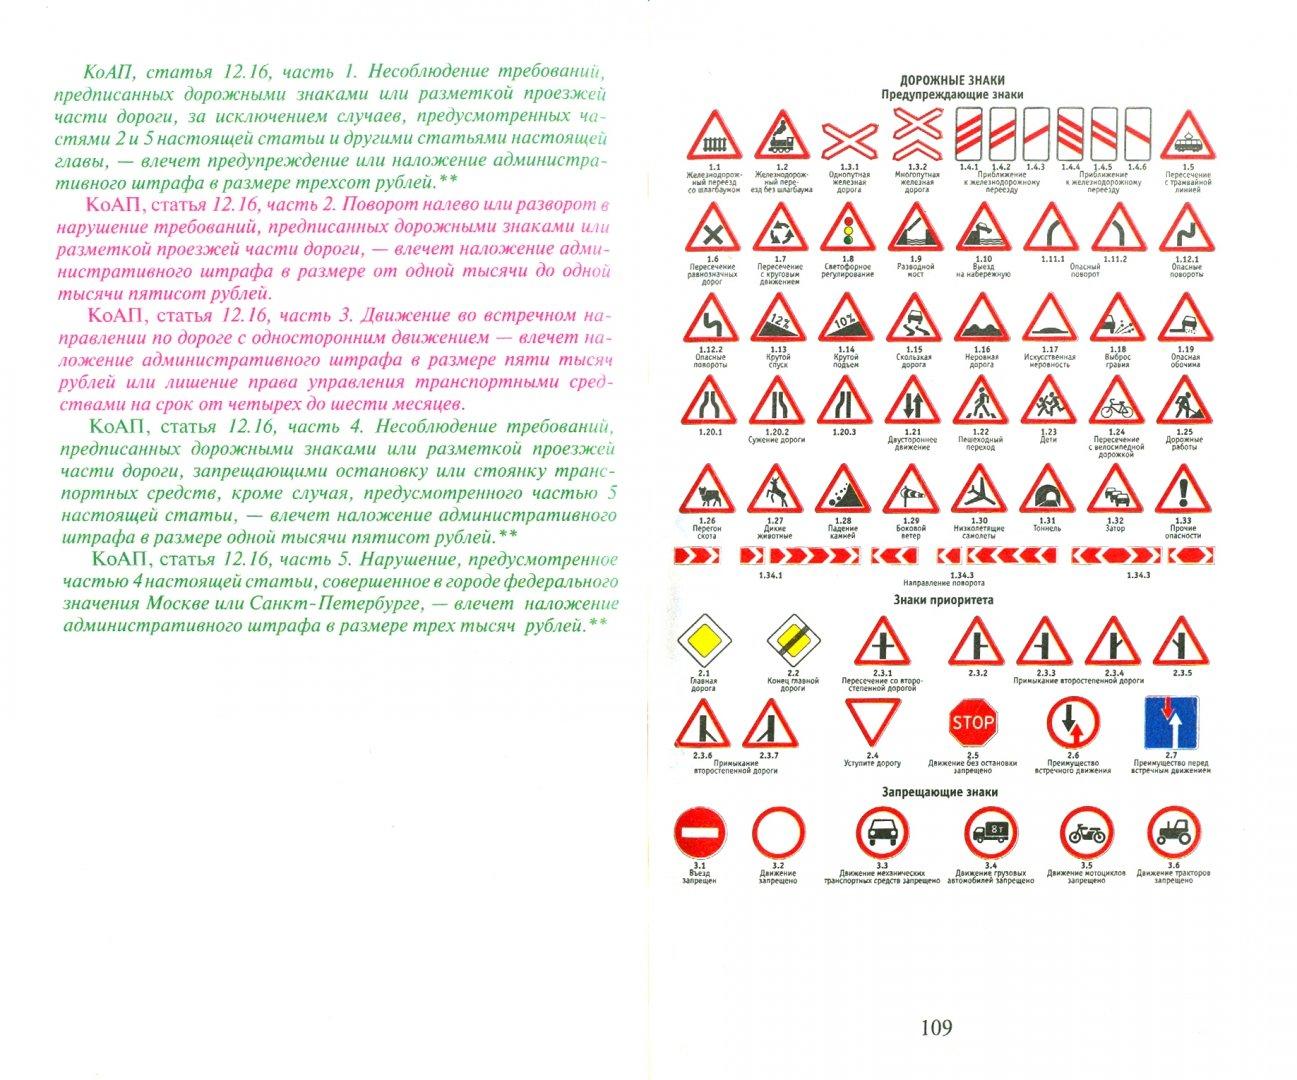 Иллюстрация 1 из 2 для Правила дорожного движение в штрафах. По состоянию на июнь 2014 года - Виктор Маслов   Лабиринт - книги. Источник: Лабиринт